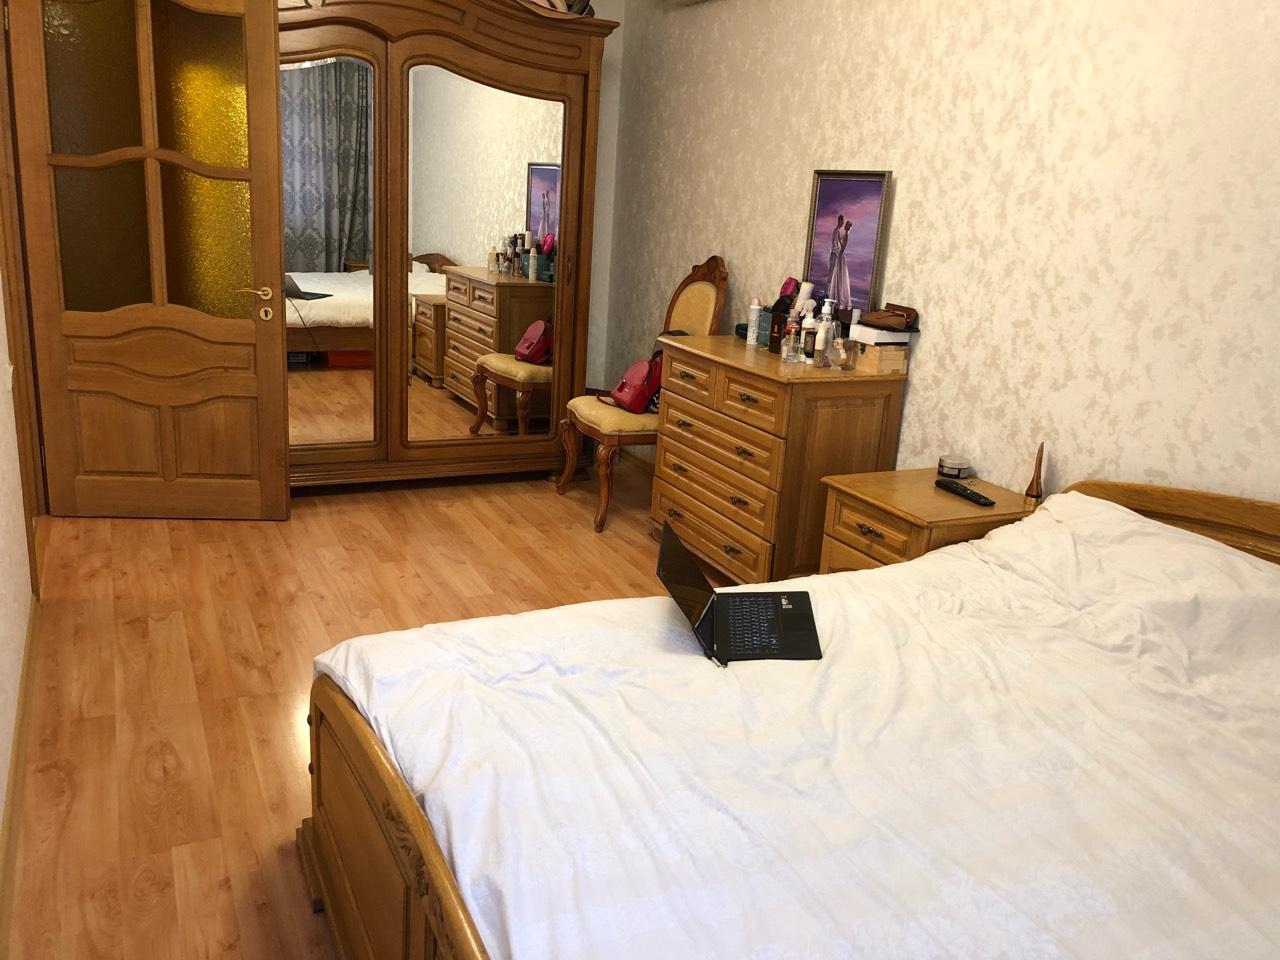 Продается 4-комнатная Квартира на ул. Екатерининская — 95 000 у.е. (фото №7)